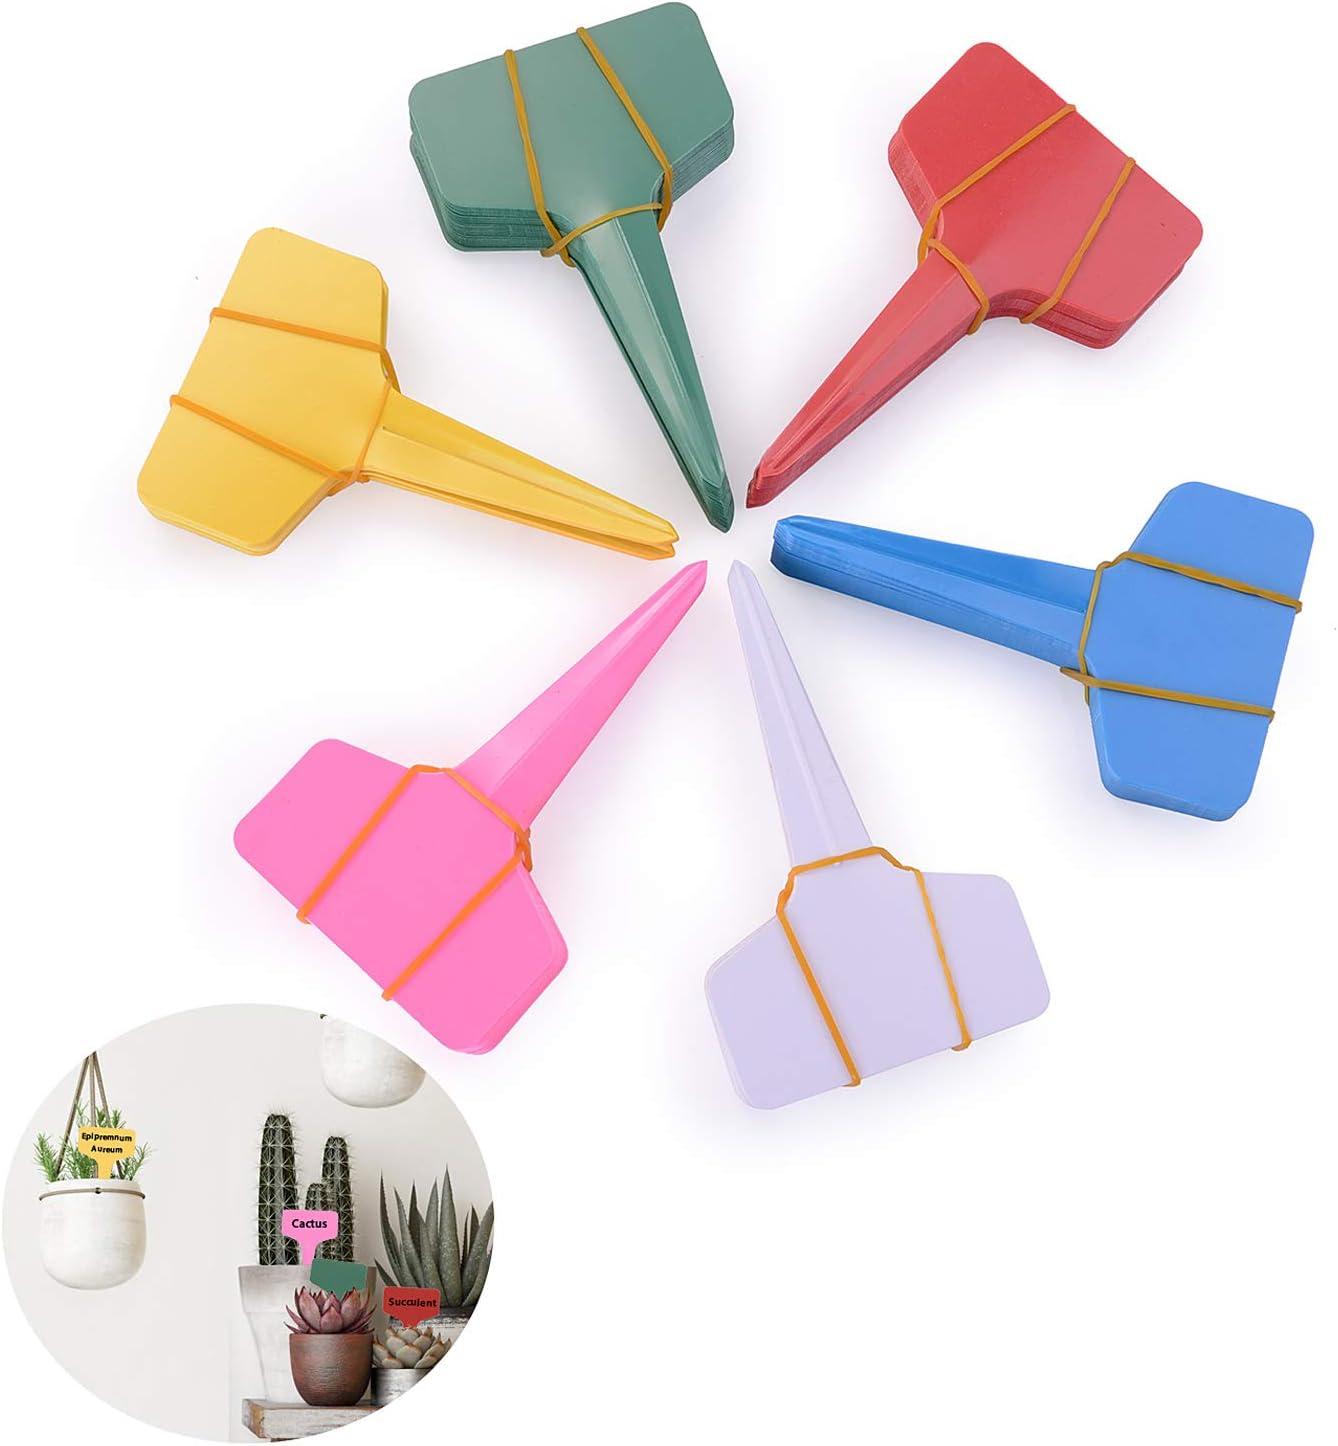 Ulikey 180 Pcs Planta Marcadores, Marcadores de Plástico en Forma de T, 10 x 6 cm, para Etiquetado de Las Plantas Reutilizable Etiquetas